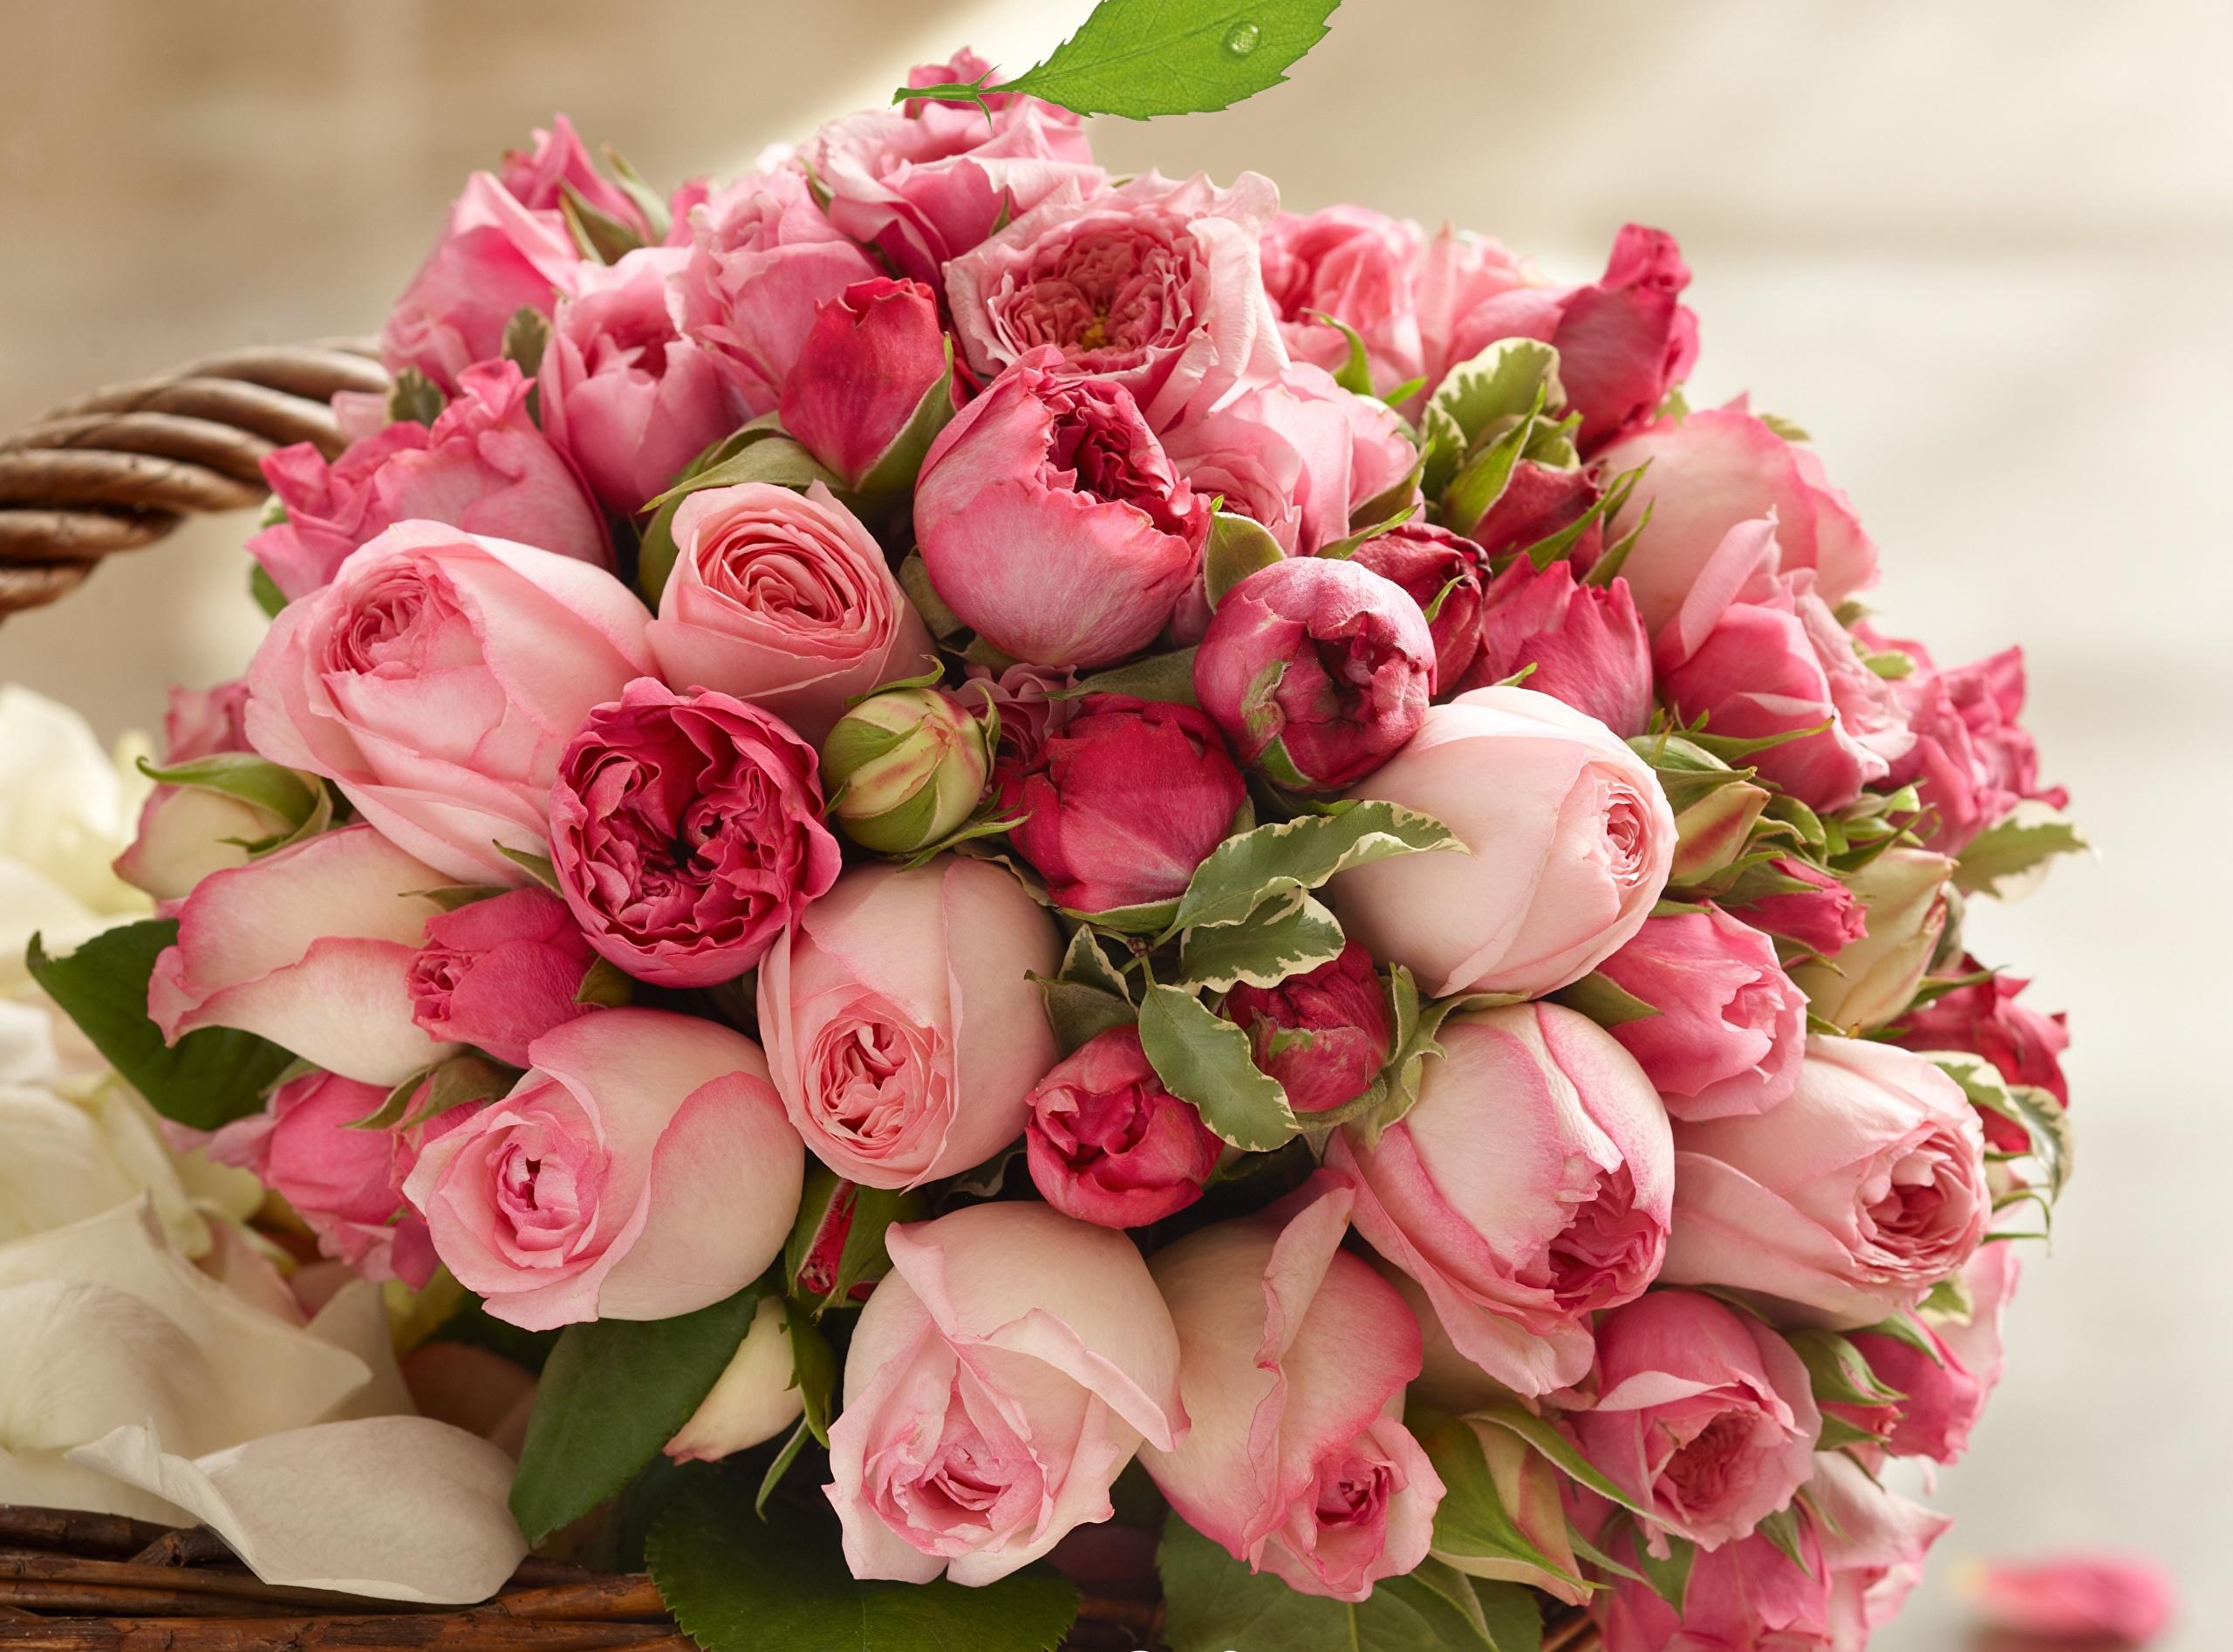 https://s1.1zoom.ru/big7/416/Roses_Bouquets_Pink_341335.jpg